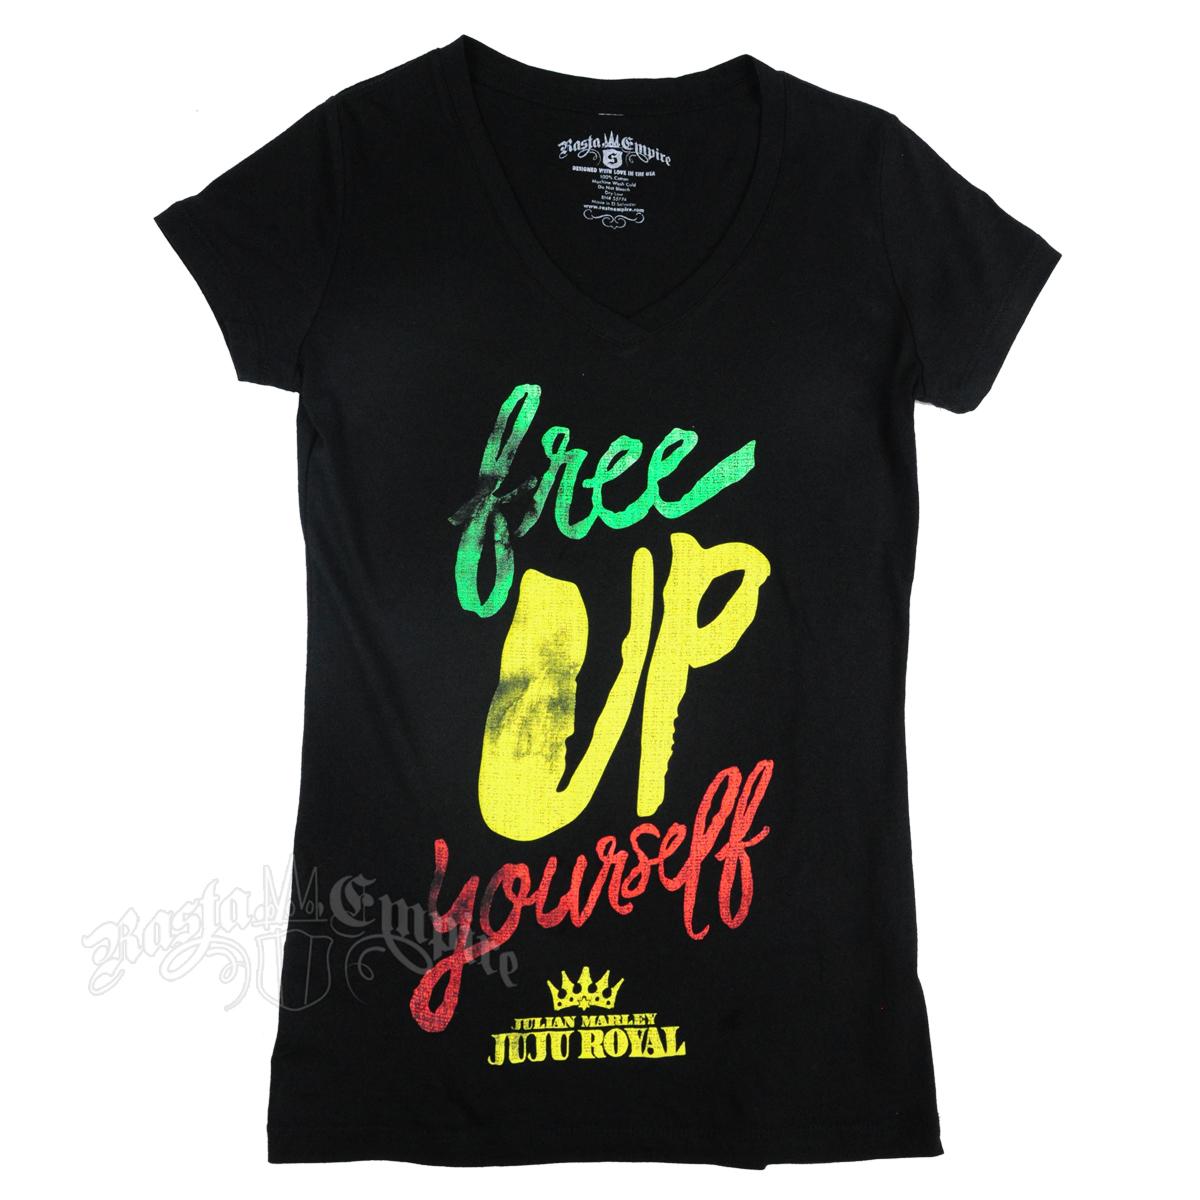 Black t shirt womens -  Black T Shirt Women S Sku Juju5000 Show Picture 1